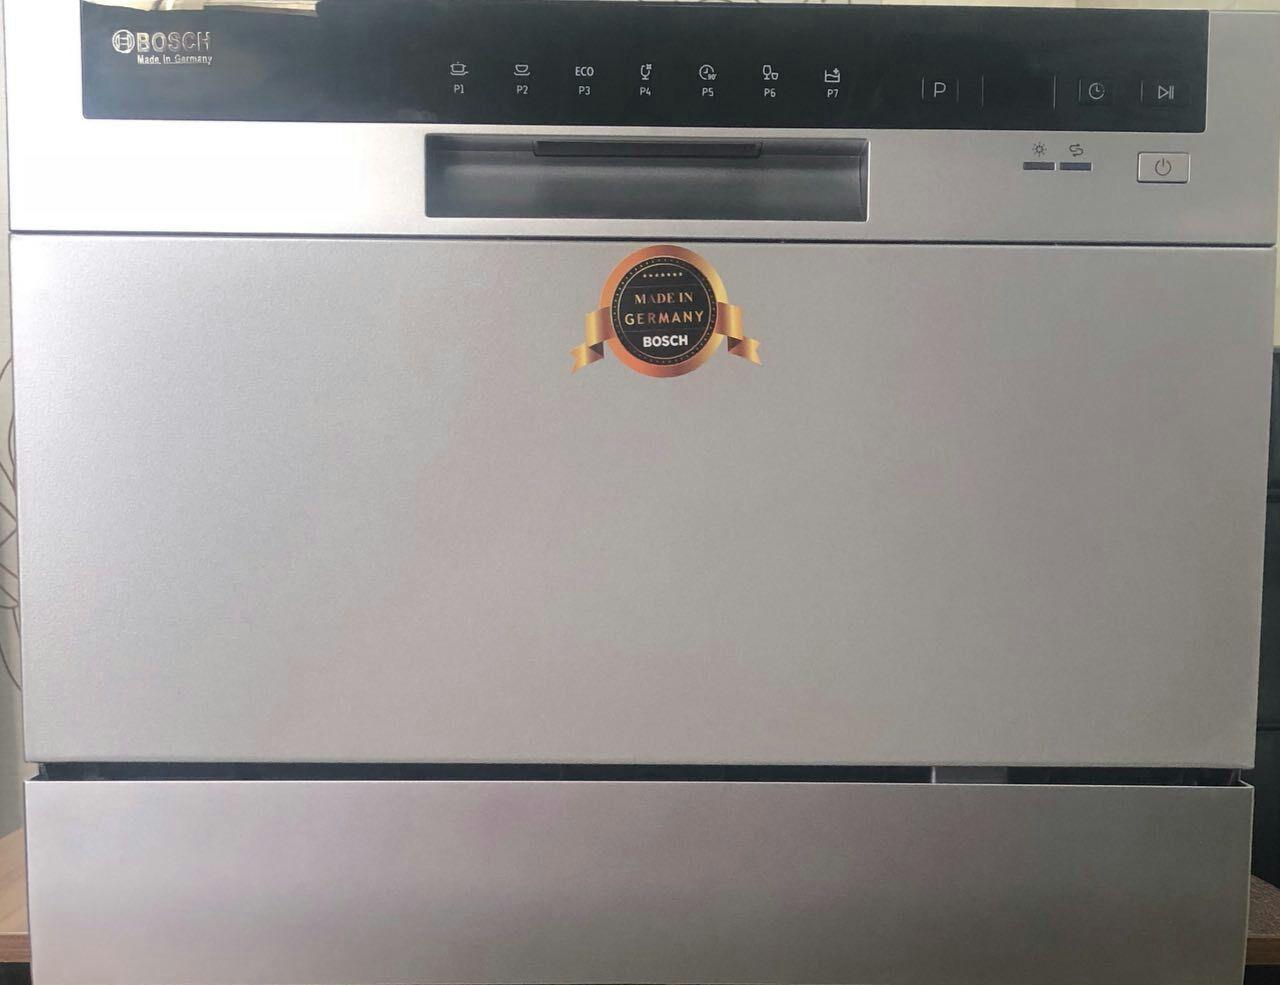 ظرفشویی رومیزی بوش bosch تاچ دیجیتال برنامه های متنوع شستشو و خشک کن. قابلیت نیم شور